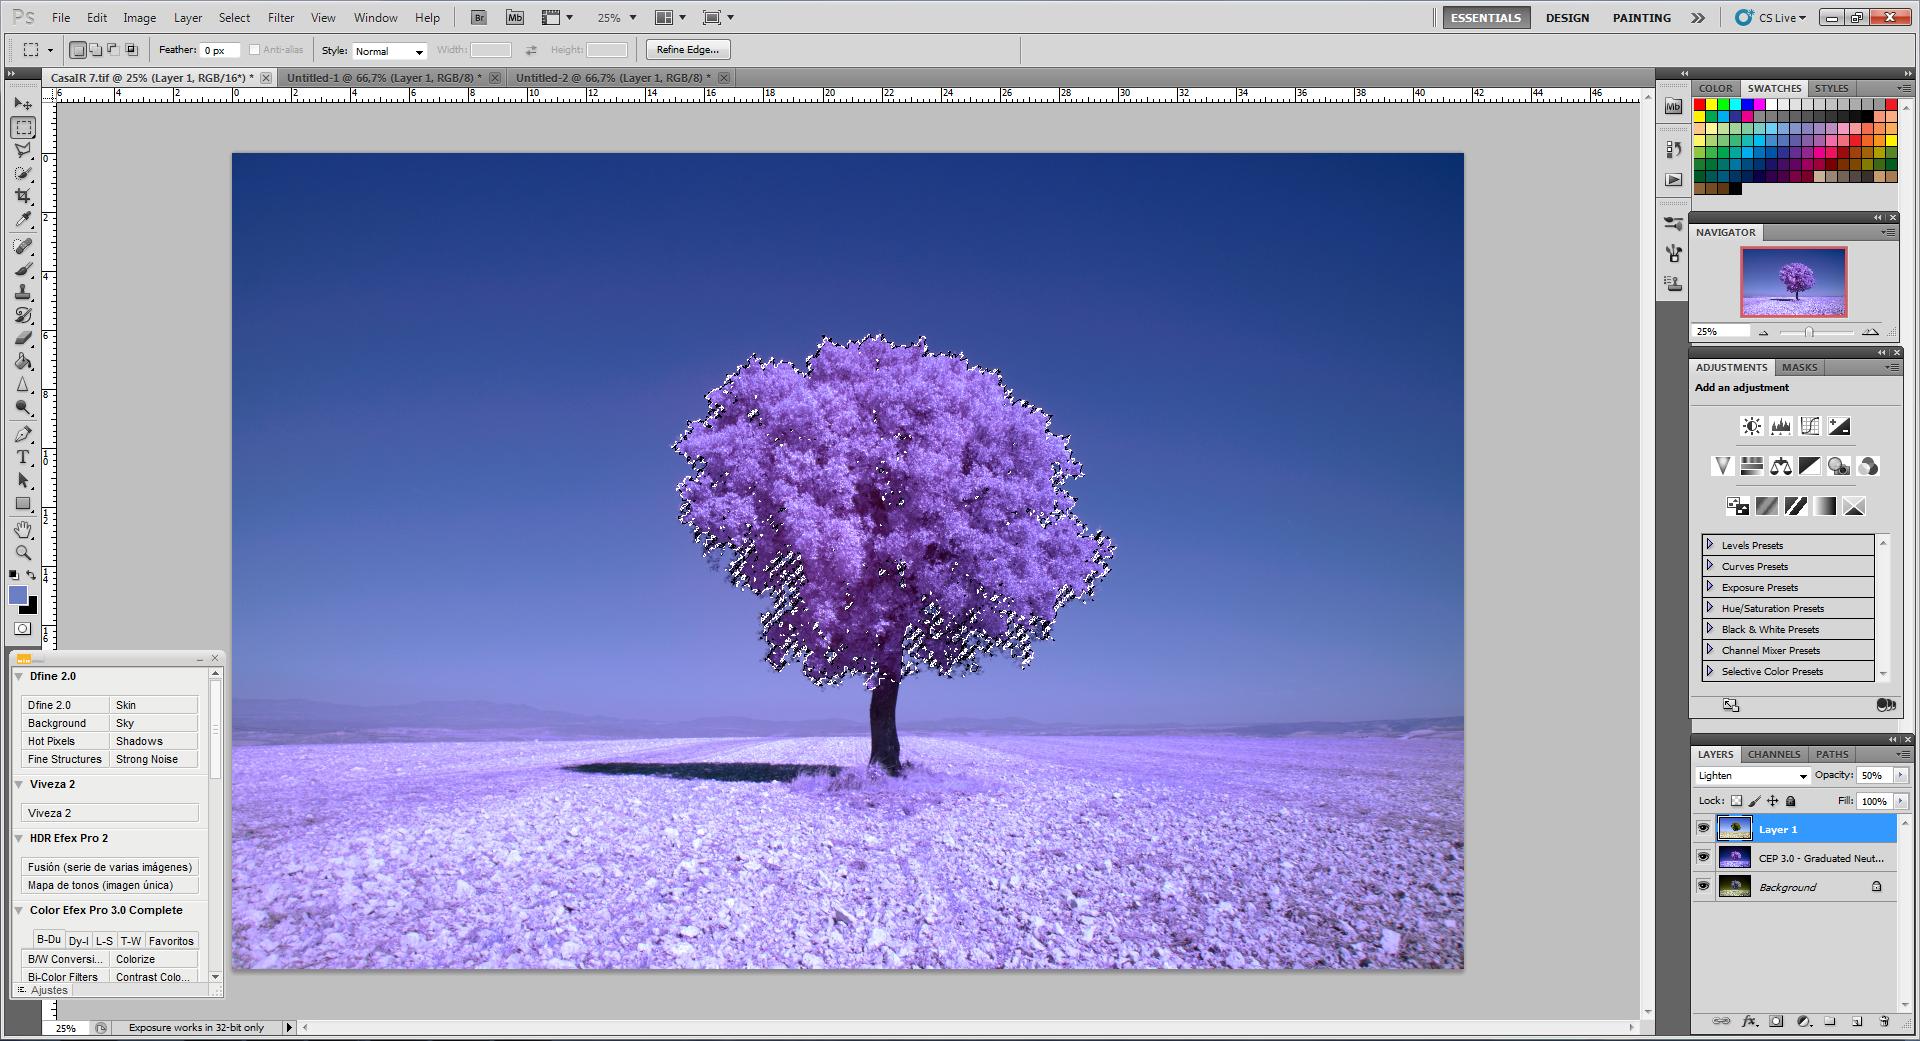 Как превратить пейзажное фото в сюрреалистическое инфракрасное изображение - 7